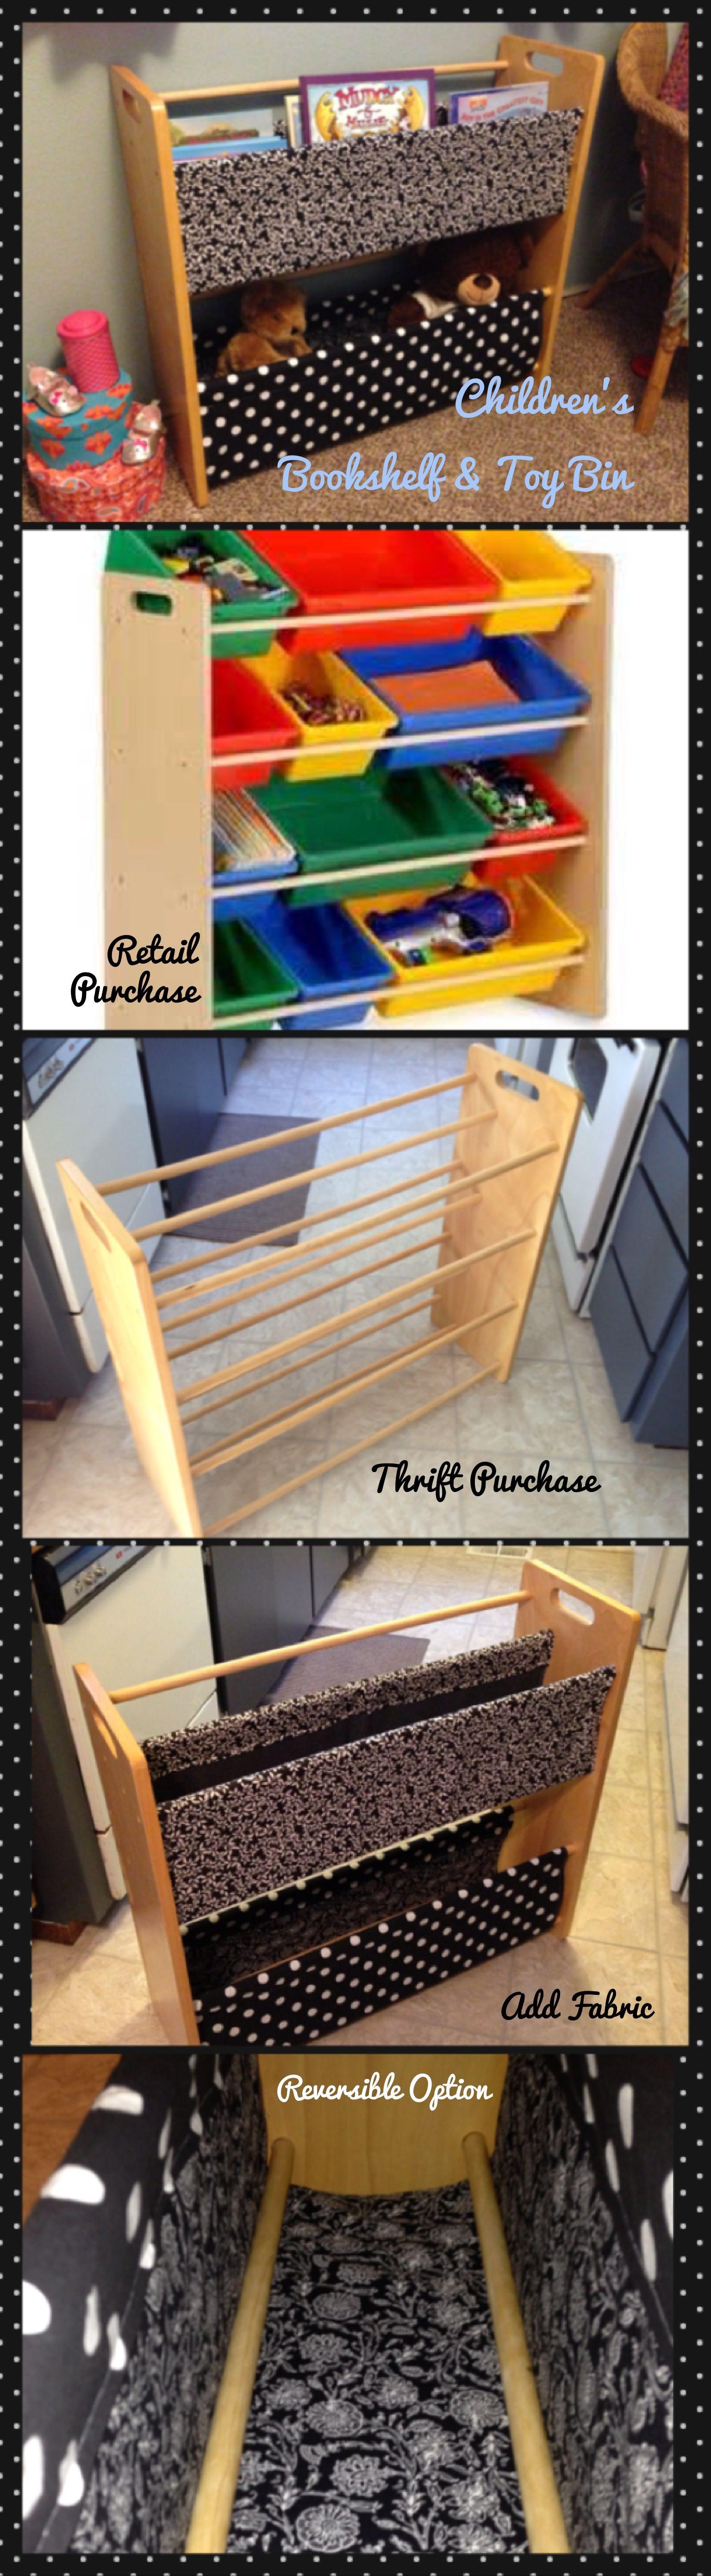 Diy Children S Bookshelf Toy Bin Made From An Old Storage Bin